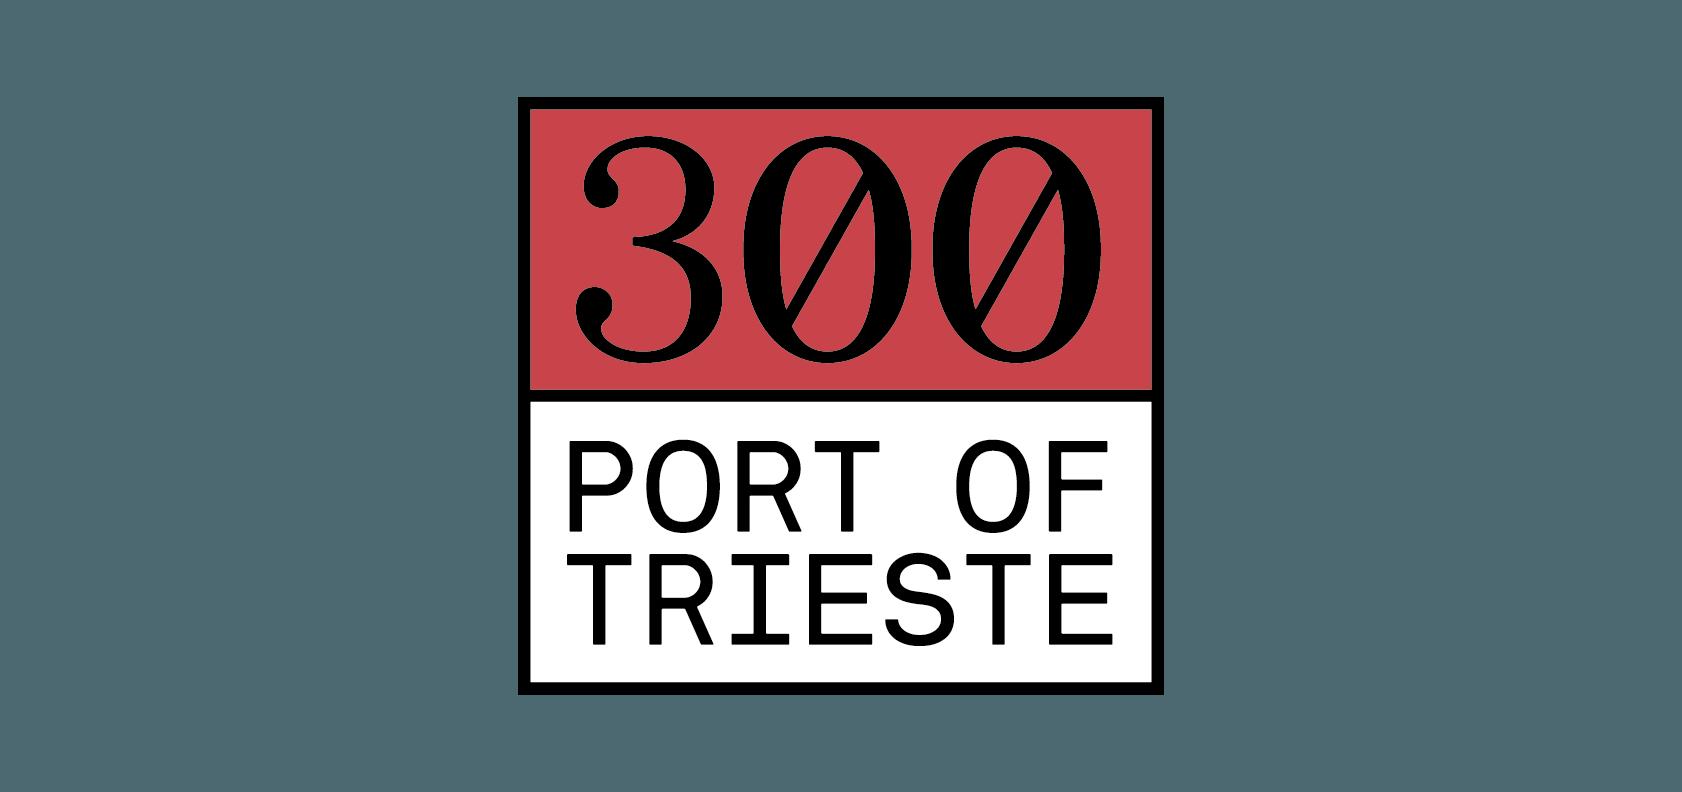 32 - porto